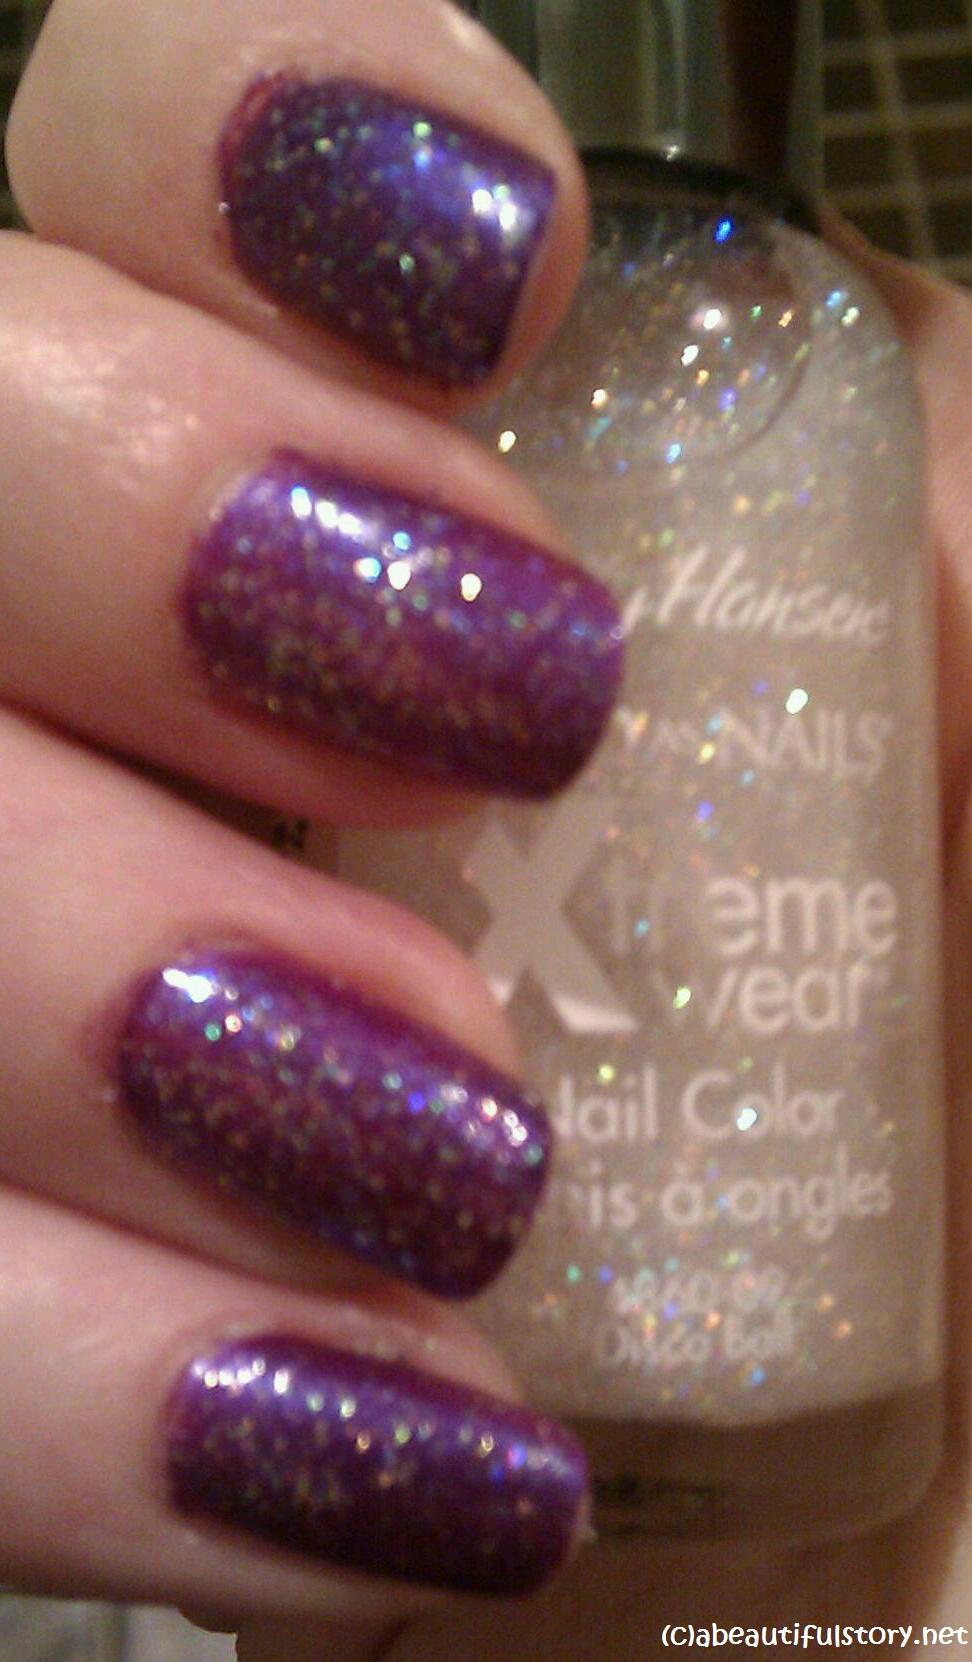 sally hansen hard as nails xtreme wear nail color | a beautiful story